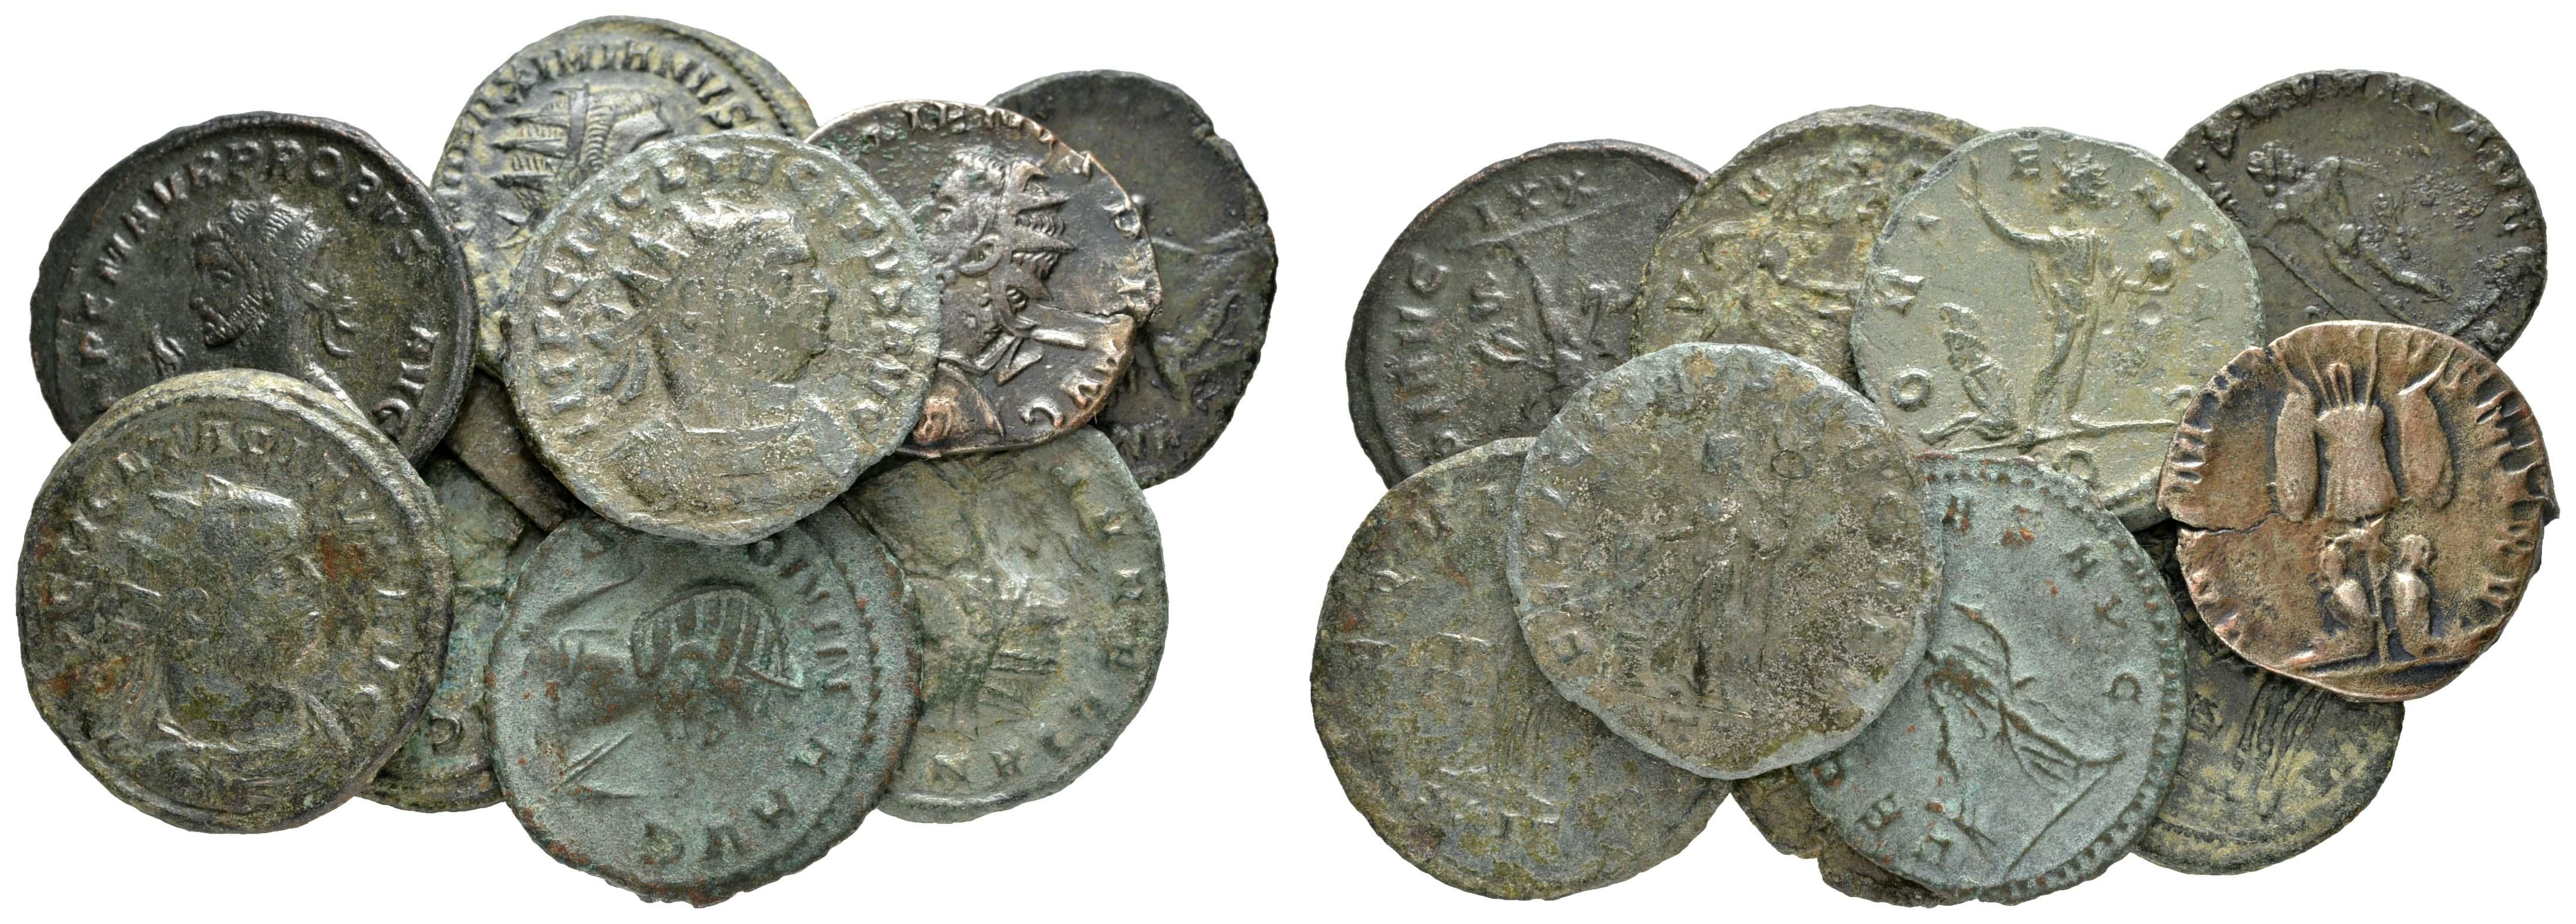 Lot 437 - Antike Lots und Sammlungen -  Auktionshaus Ulrich Felzmann GmbH & Co. KG Coins single lots